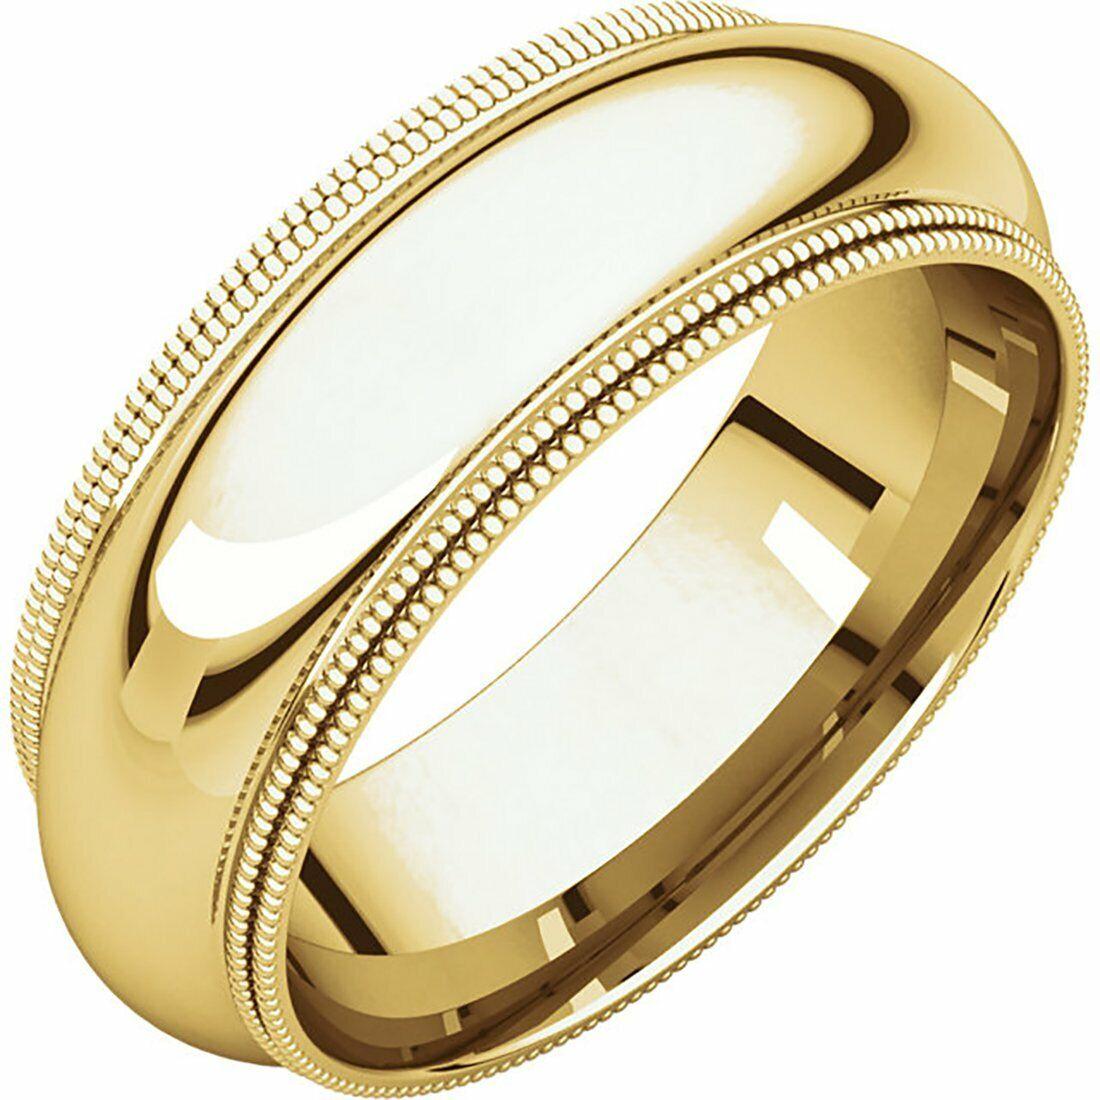 Fine 10k Yellow gold 7 mm Comfort Fit Double Milgrain Wedding Ring 3-16